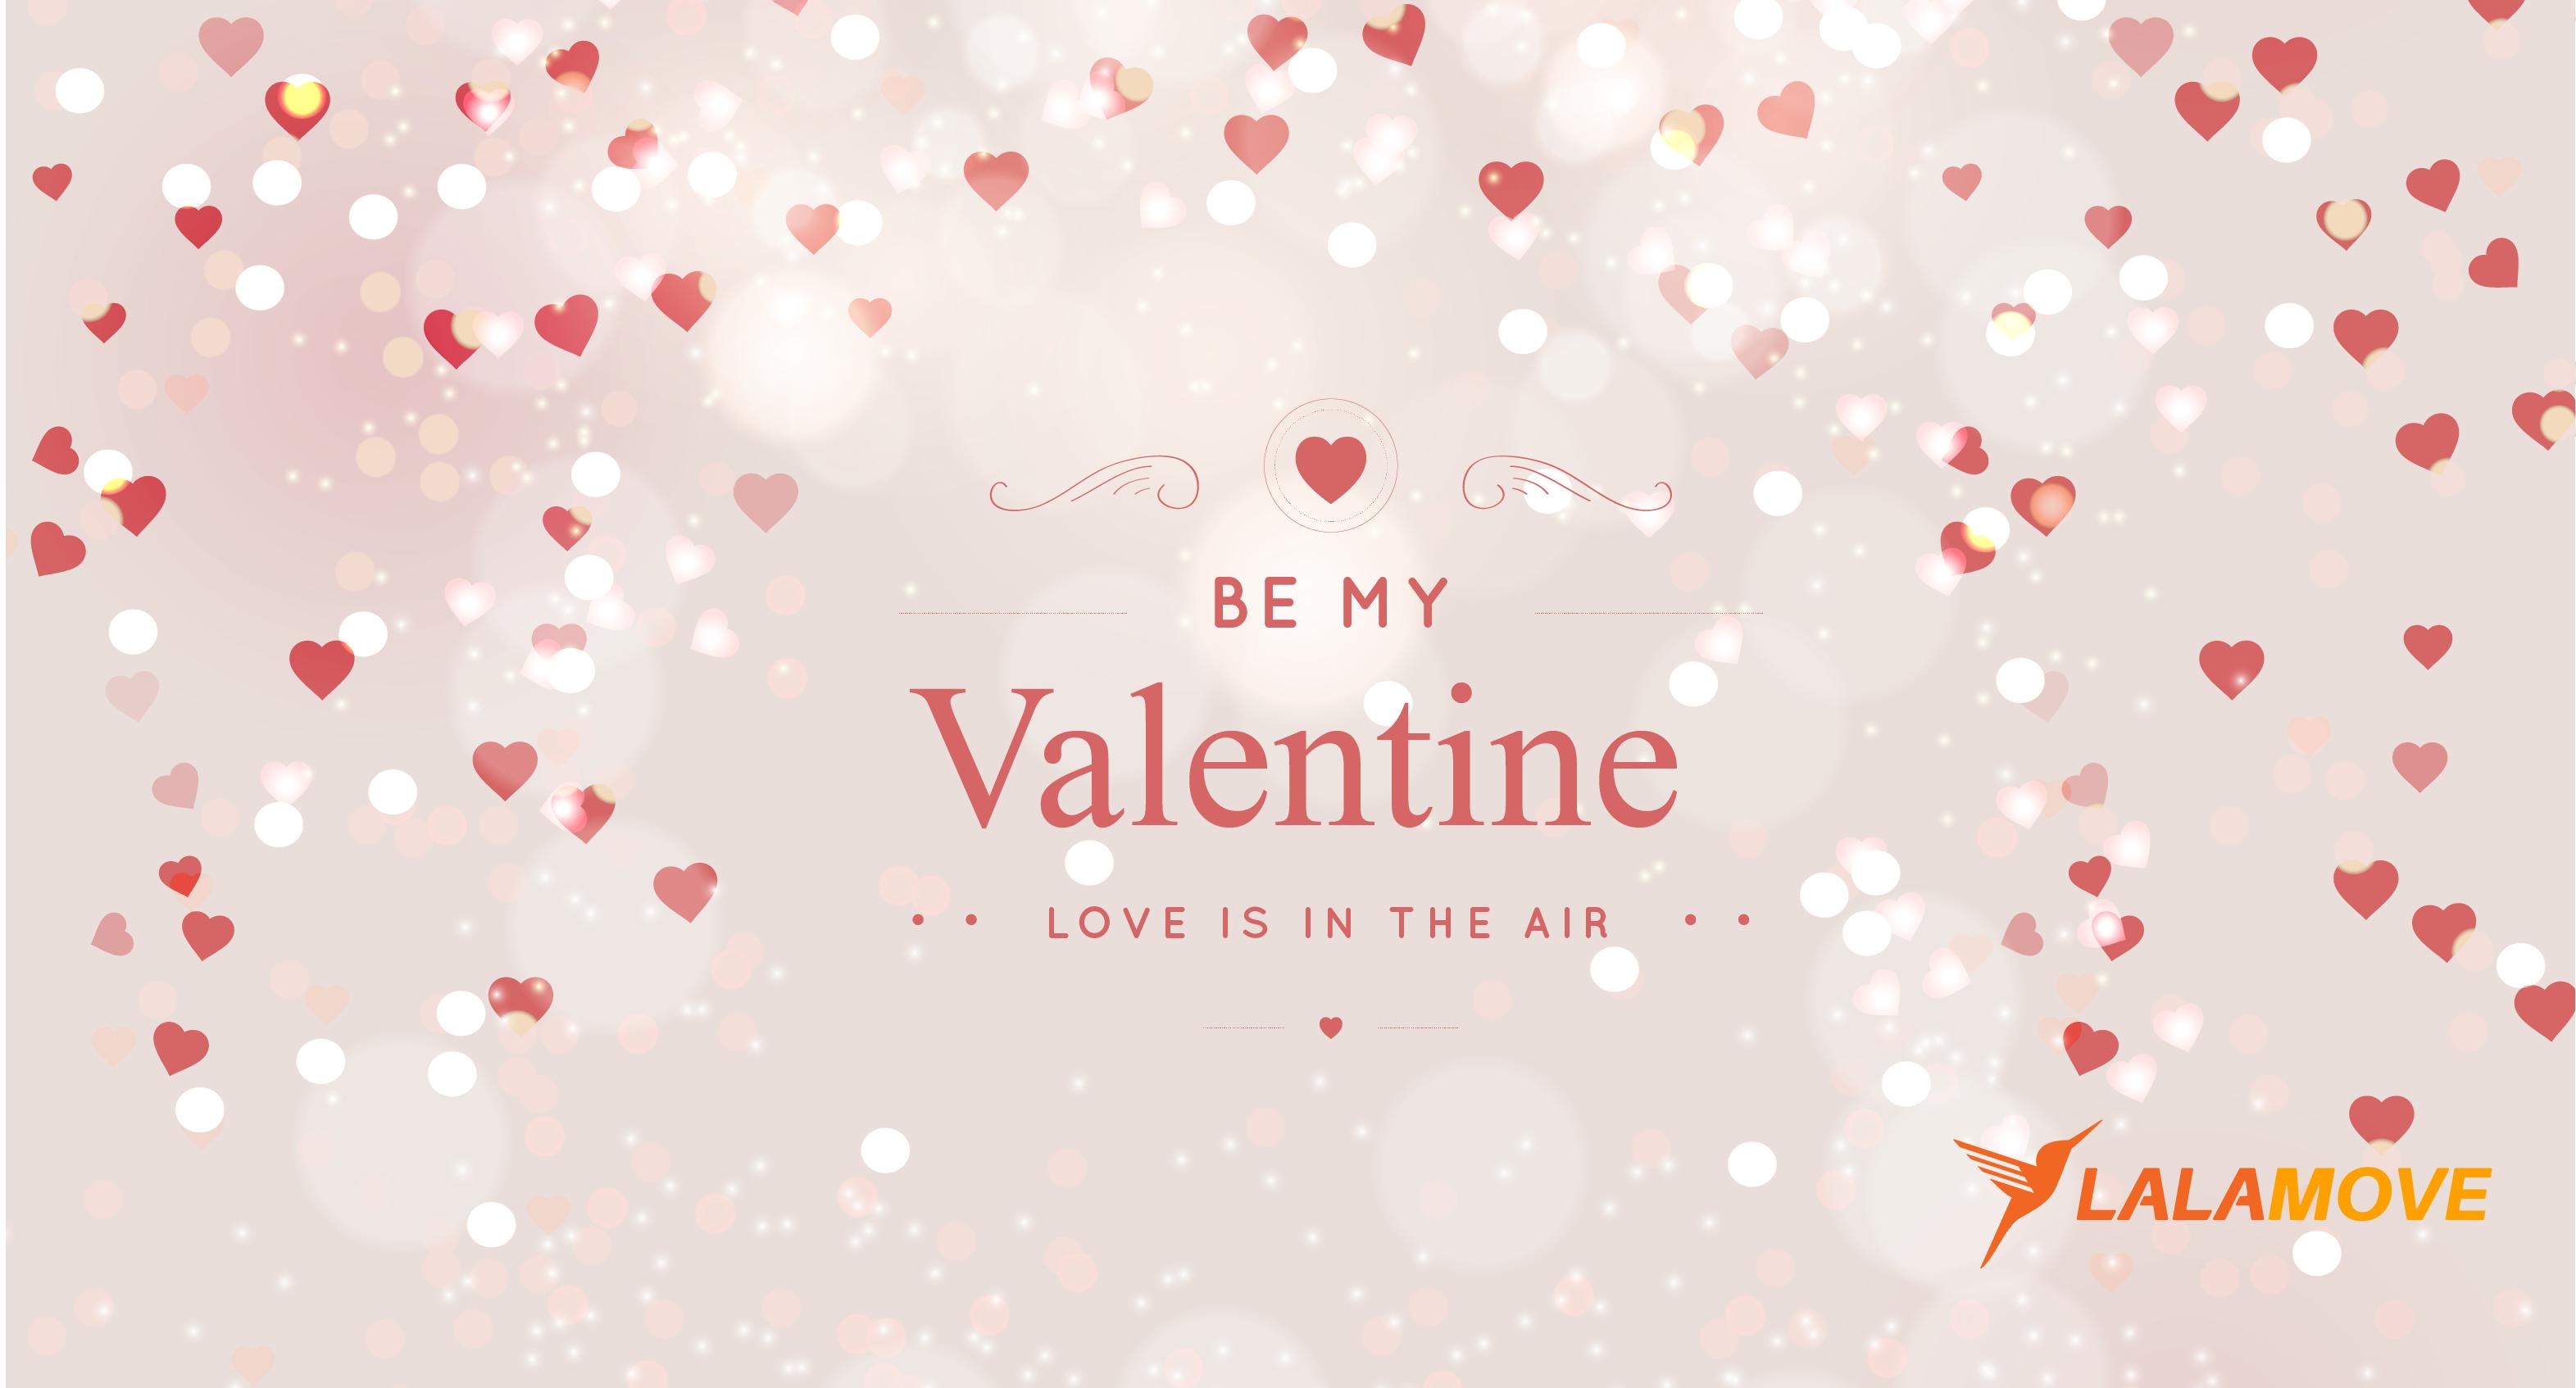 วาเลนไทน์ : 3 ร้านดอกไม้ต่างสไตล์ ที่รับรองได้ Like แถม Love แน่นอน!